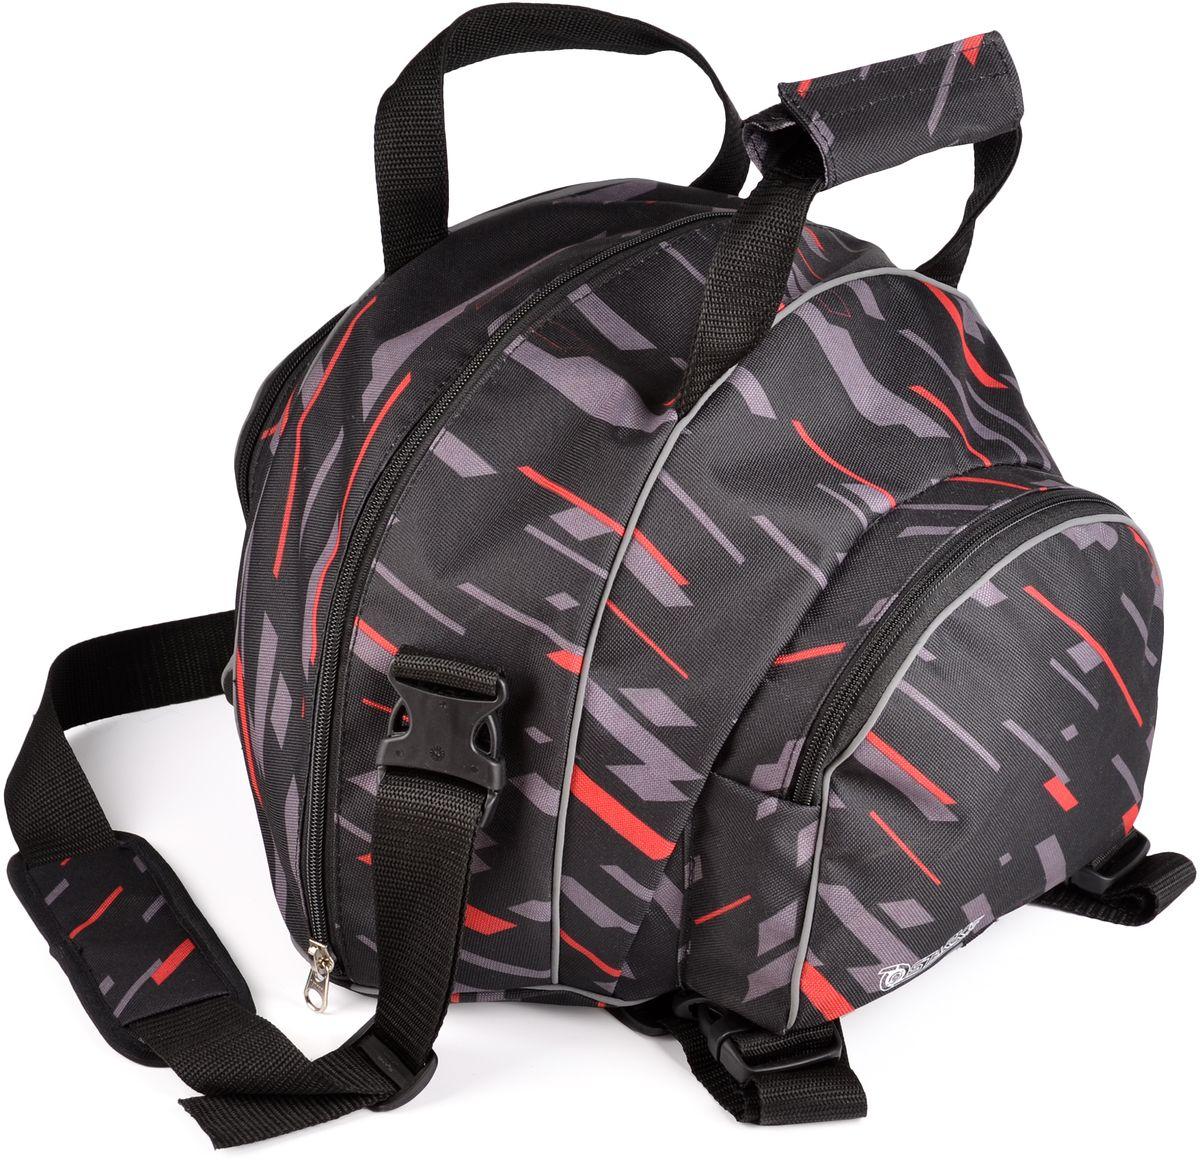 Сумка для переноски шлема Starks, цвет: серыйЛЦ0046Водонепроницаемая сумка Starks предназначена для переноски стандартного шлема, без козырька (если он не снимается).Имеет удобную, отстегивающуюся лямку через плечо.Дополнительные карманы по бокам для переноски перчаток, подшлемников и другого.Сумка имеет функцию установки на пассажирское сиденье в роли центрального кофра для перевозки шлема или различных вещей.Светоотражающие элементы добавляют безопасности в темное время.